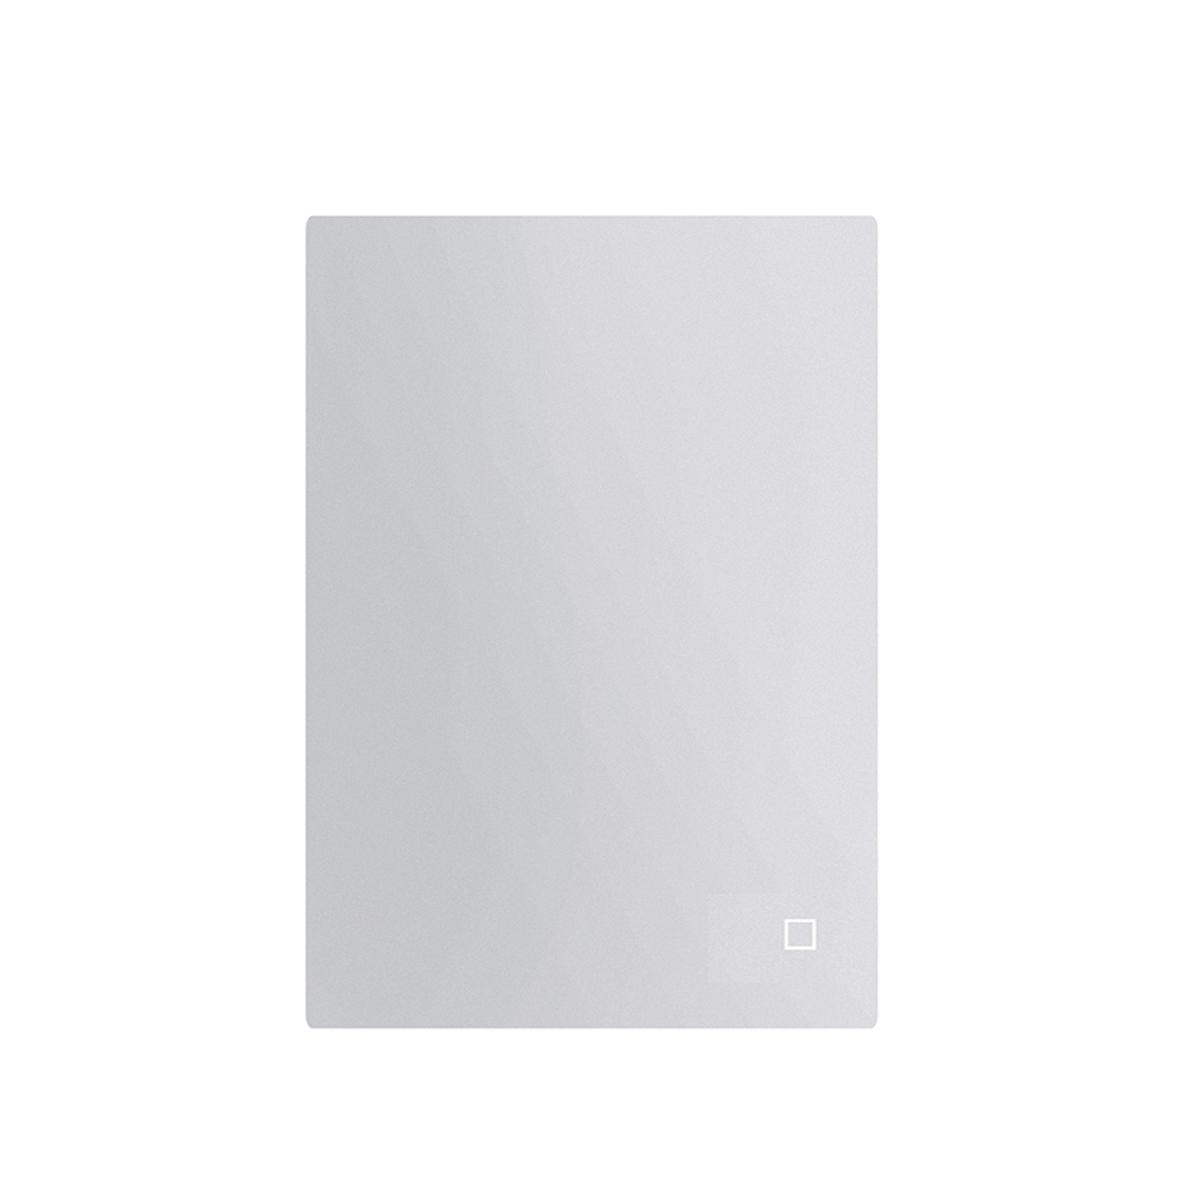 Speil50-120 medbakenforliggendeLED-lys